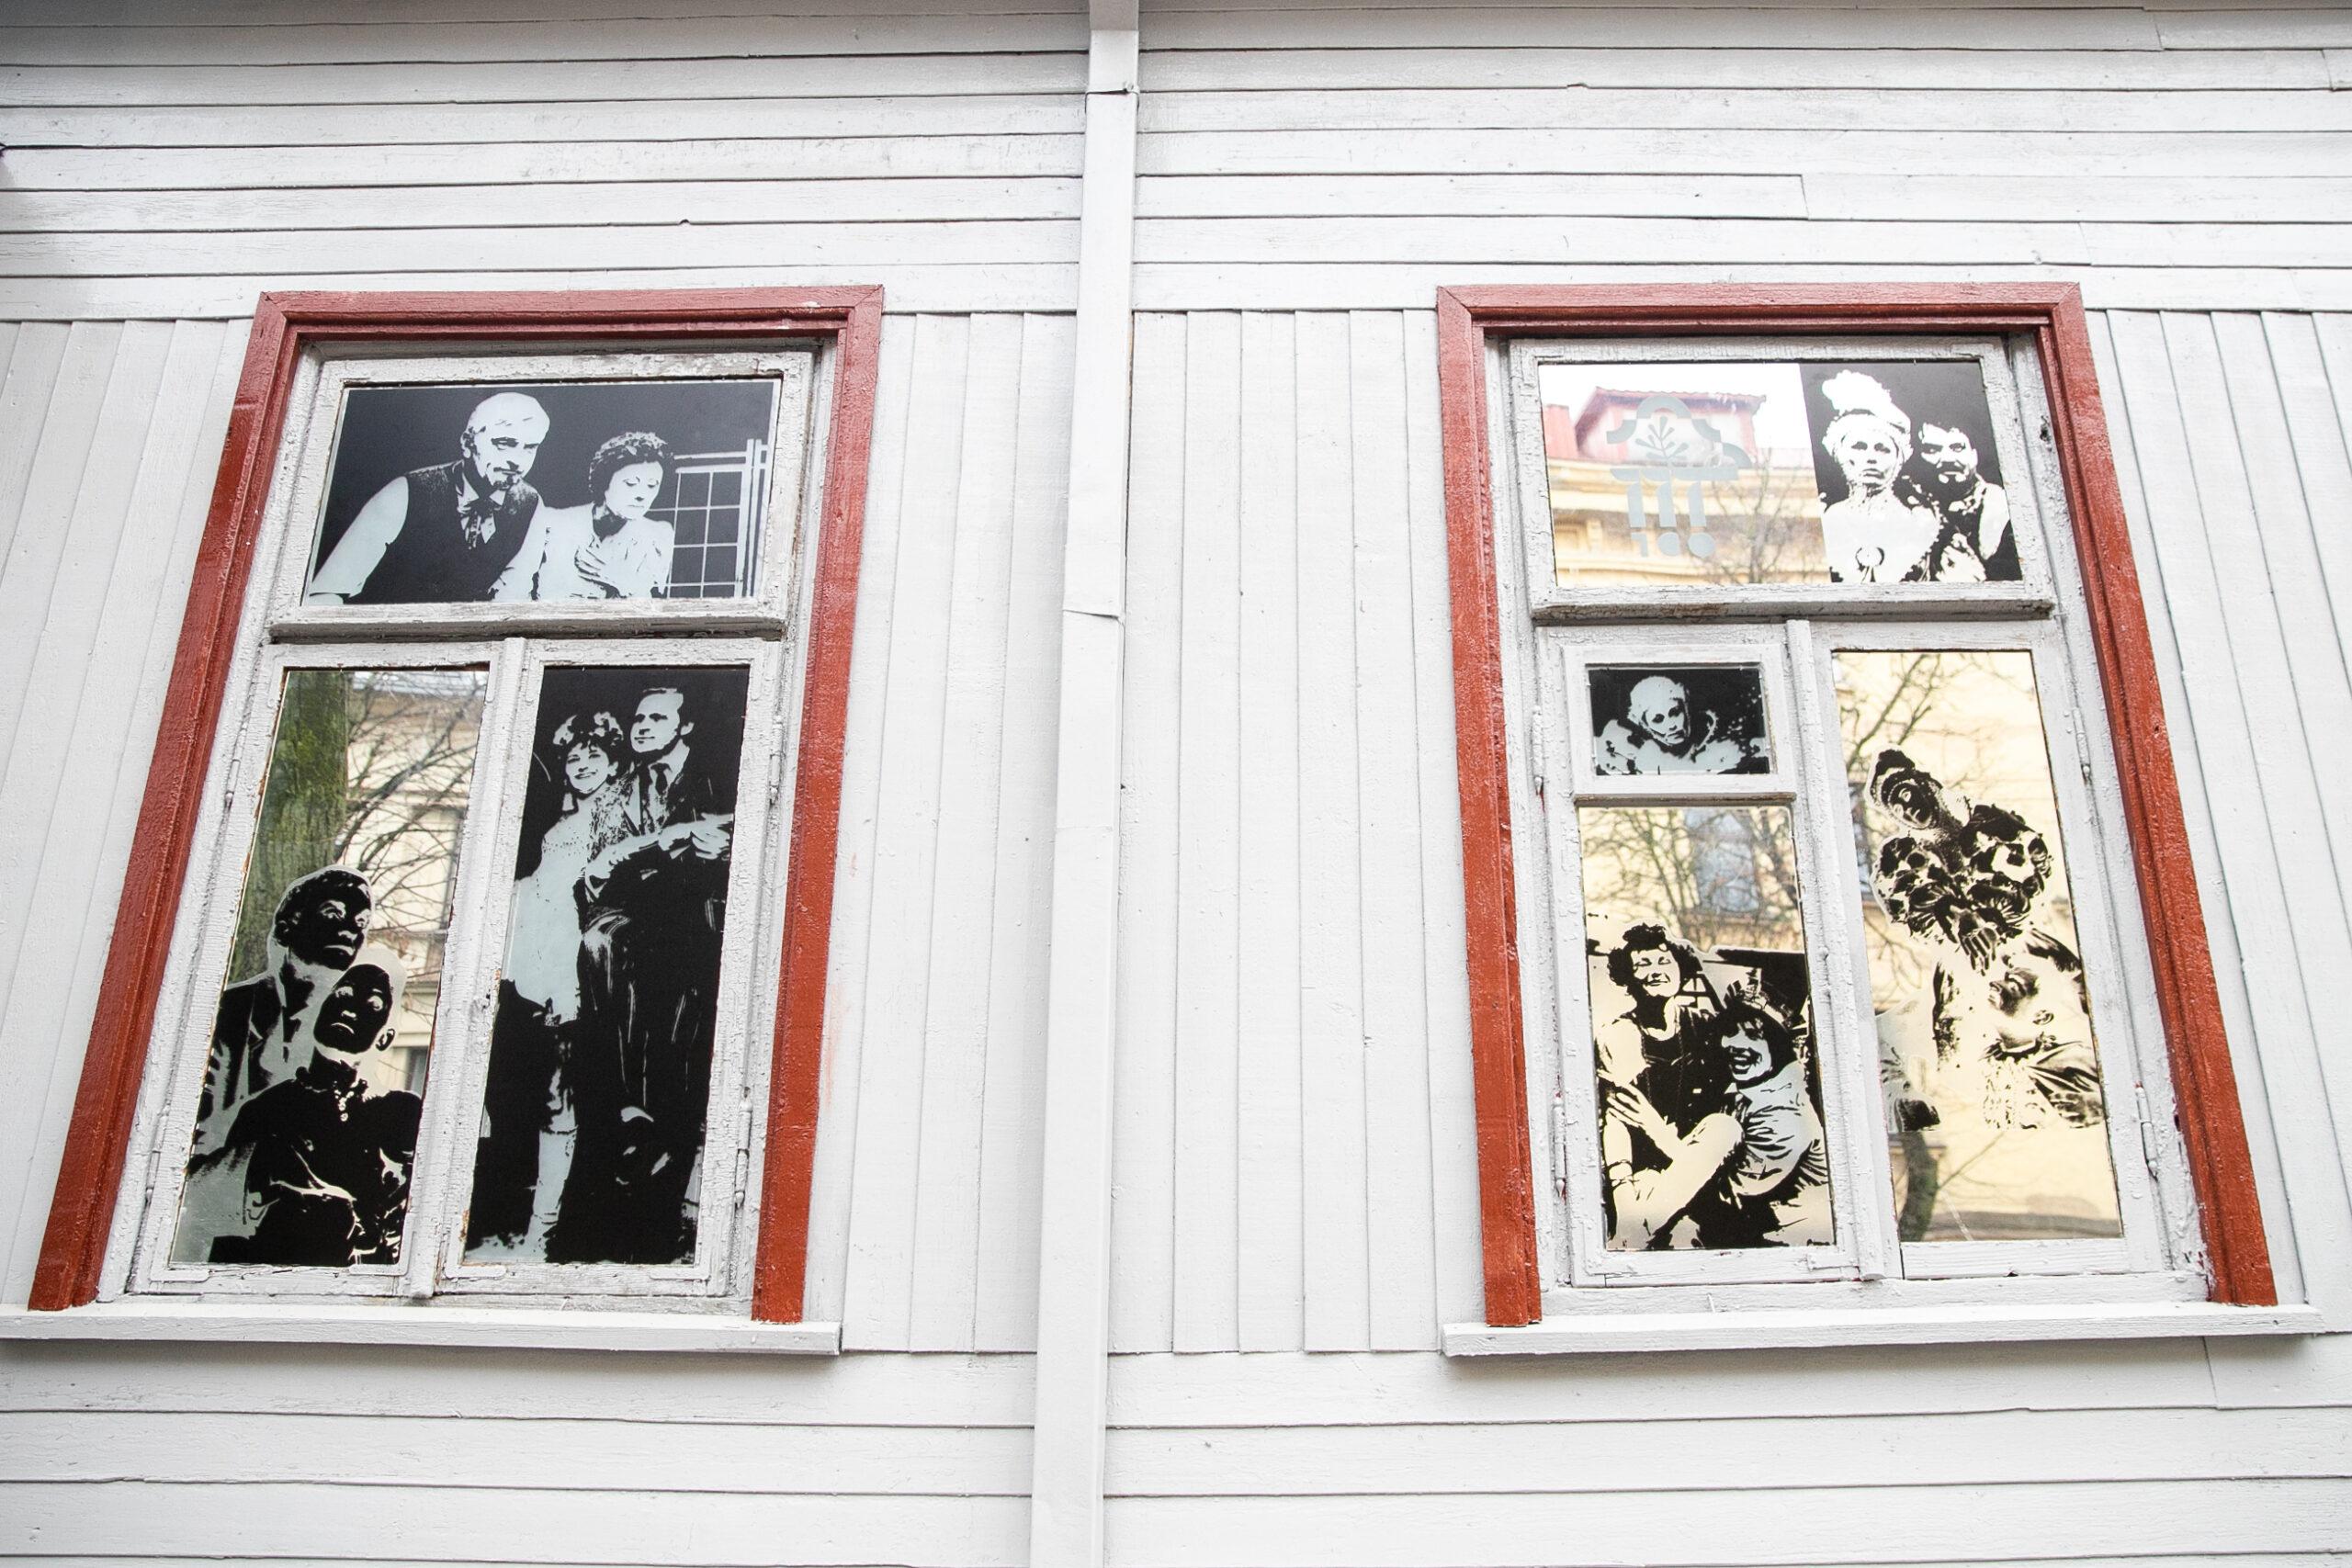 Nuotraukos namo languose.